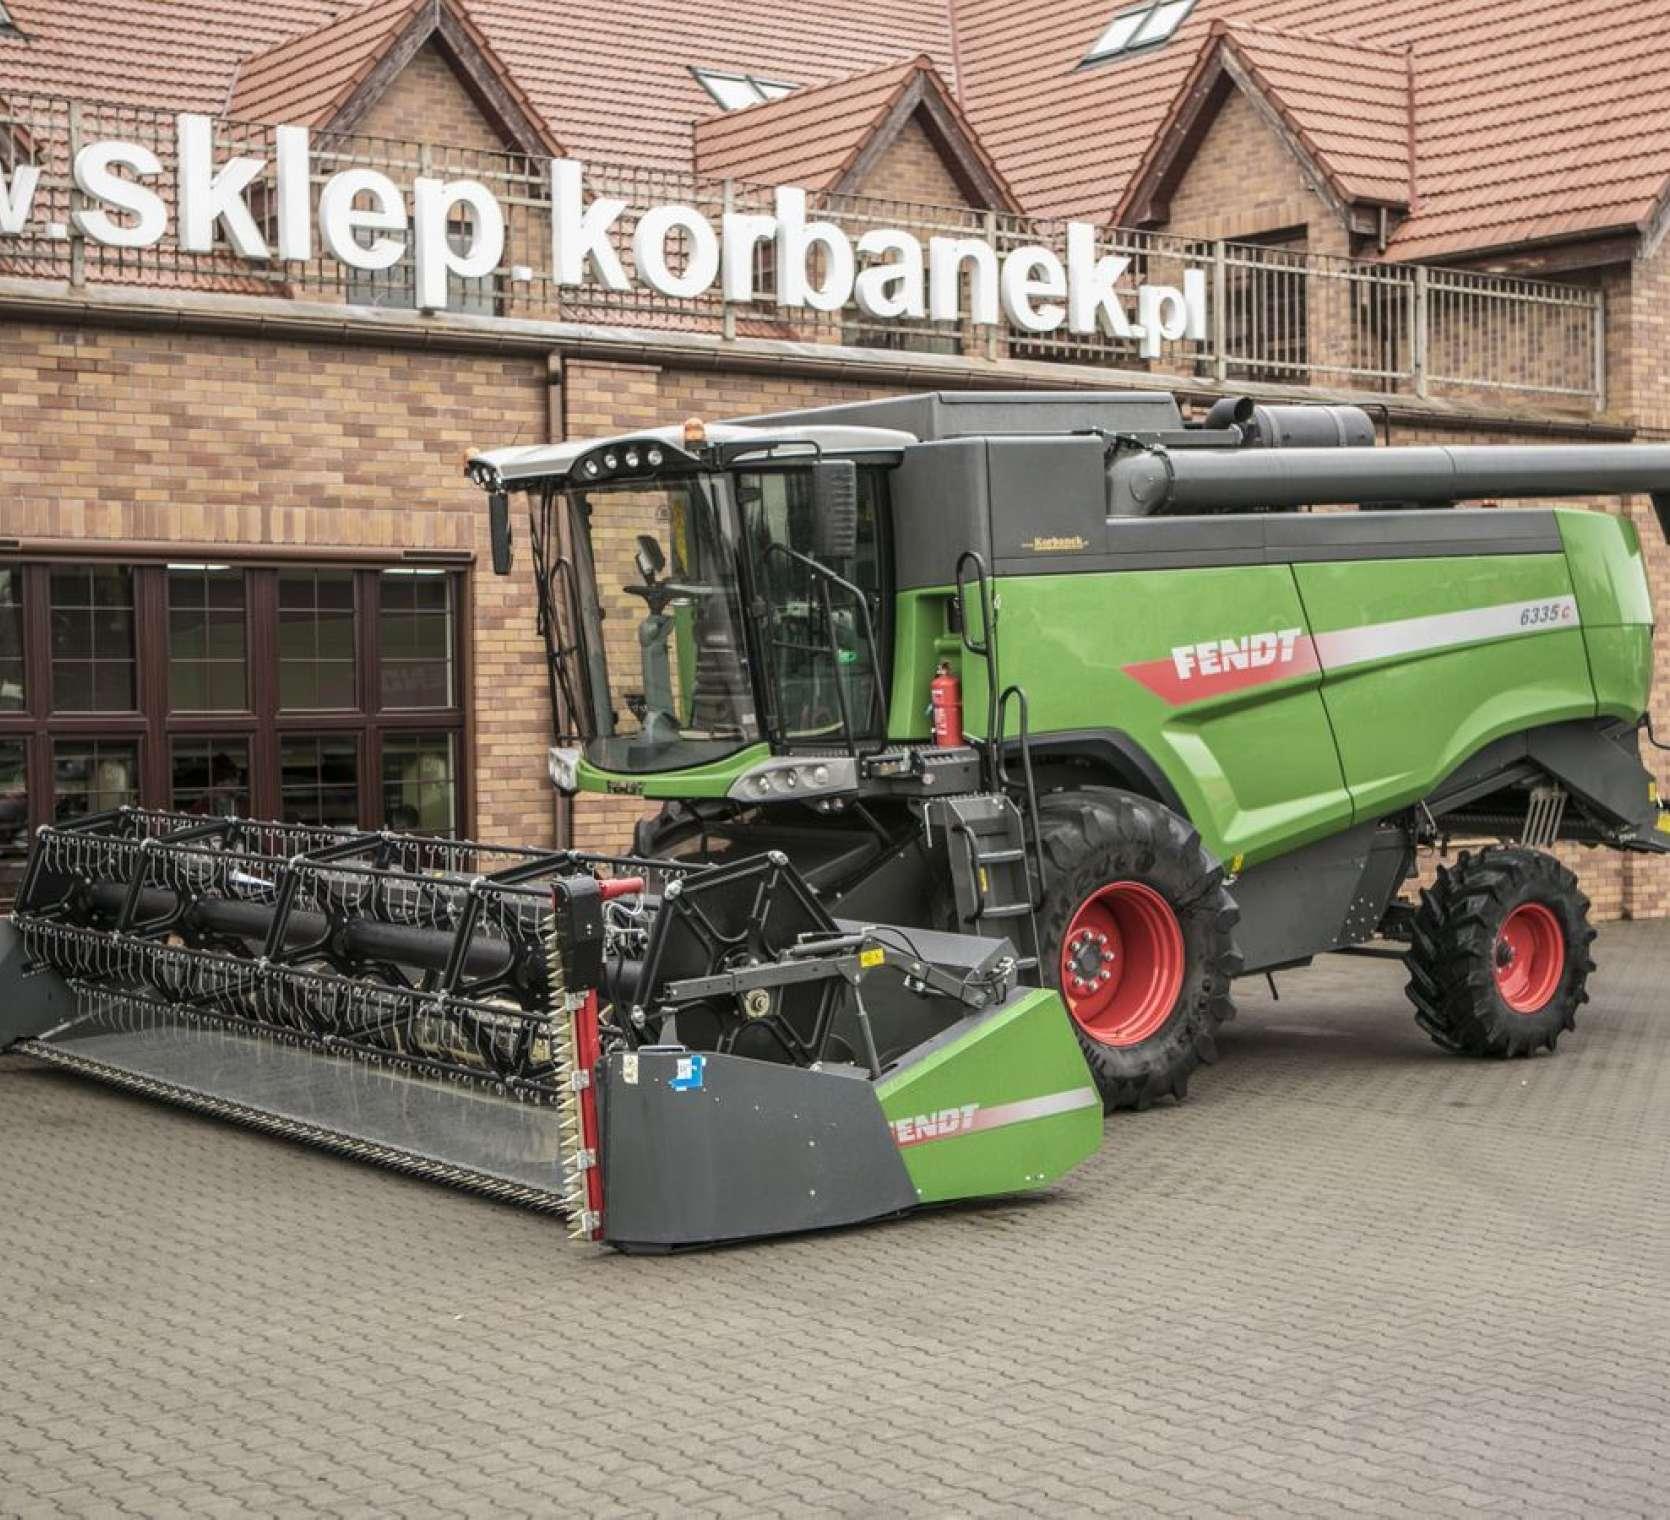 Kombajn używany do zbioru zbóż Fendt 6335 z silnikiem AGCO POWER o mocy silnika z Boost 265 kW/360 KM